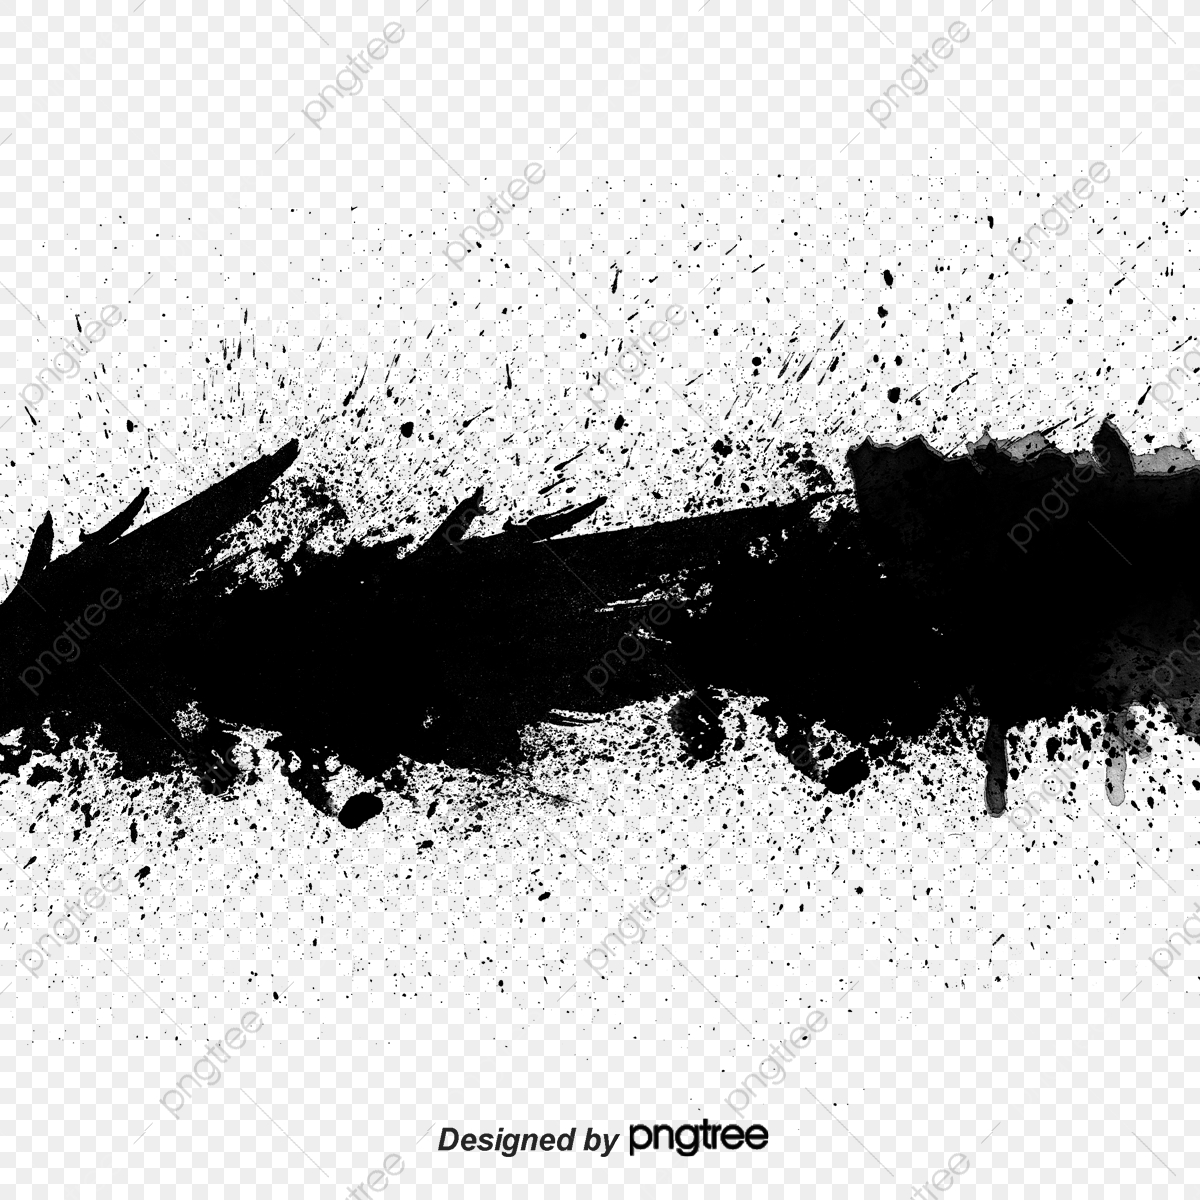 Transverse Black Ink Splash Effect Splash Clipart Black Ink Png Transparent Clipart Image And Psd File For Free Download